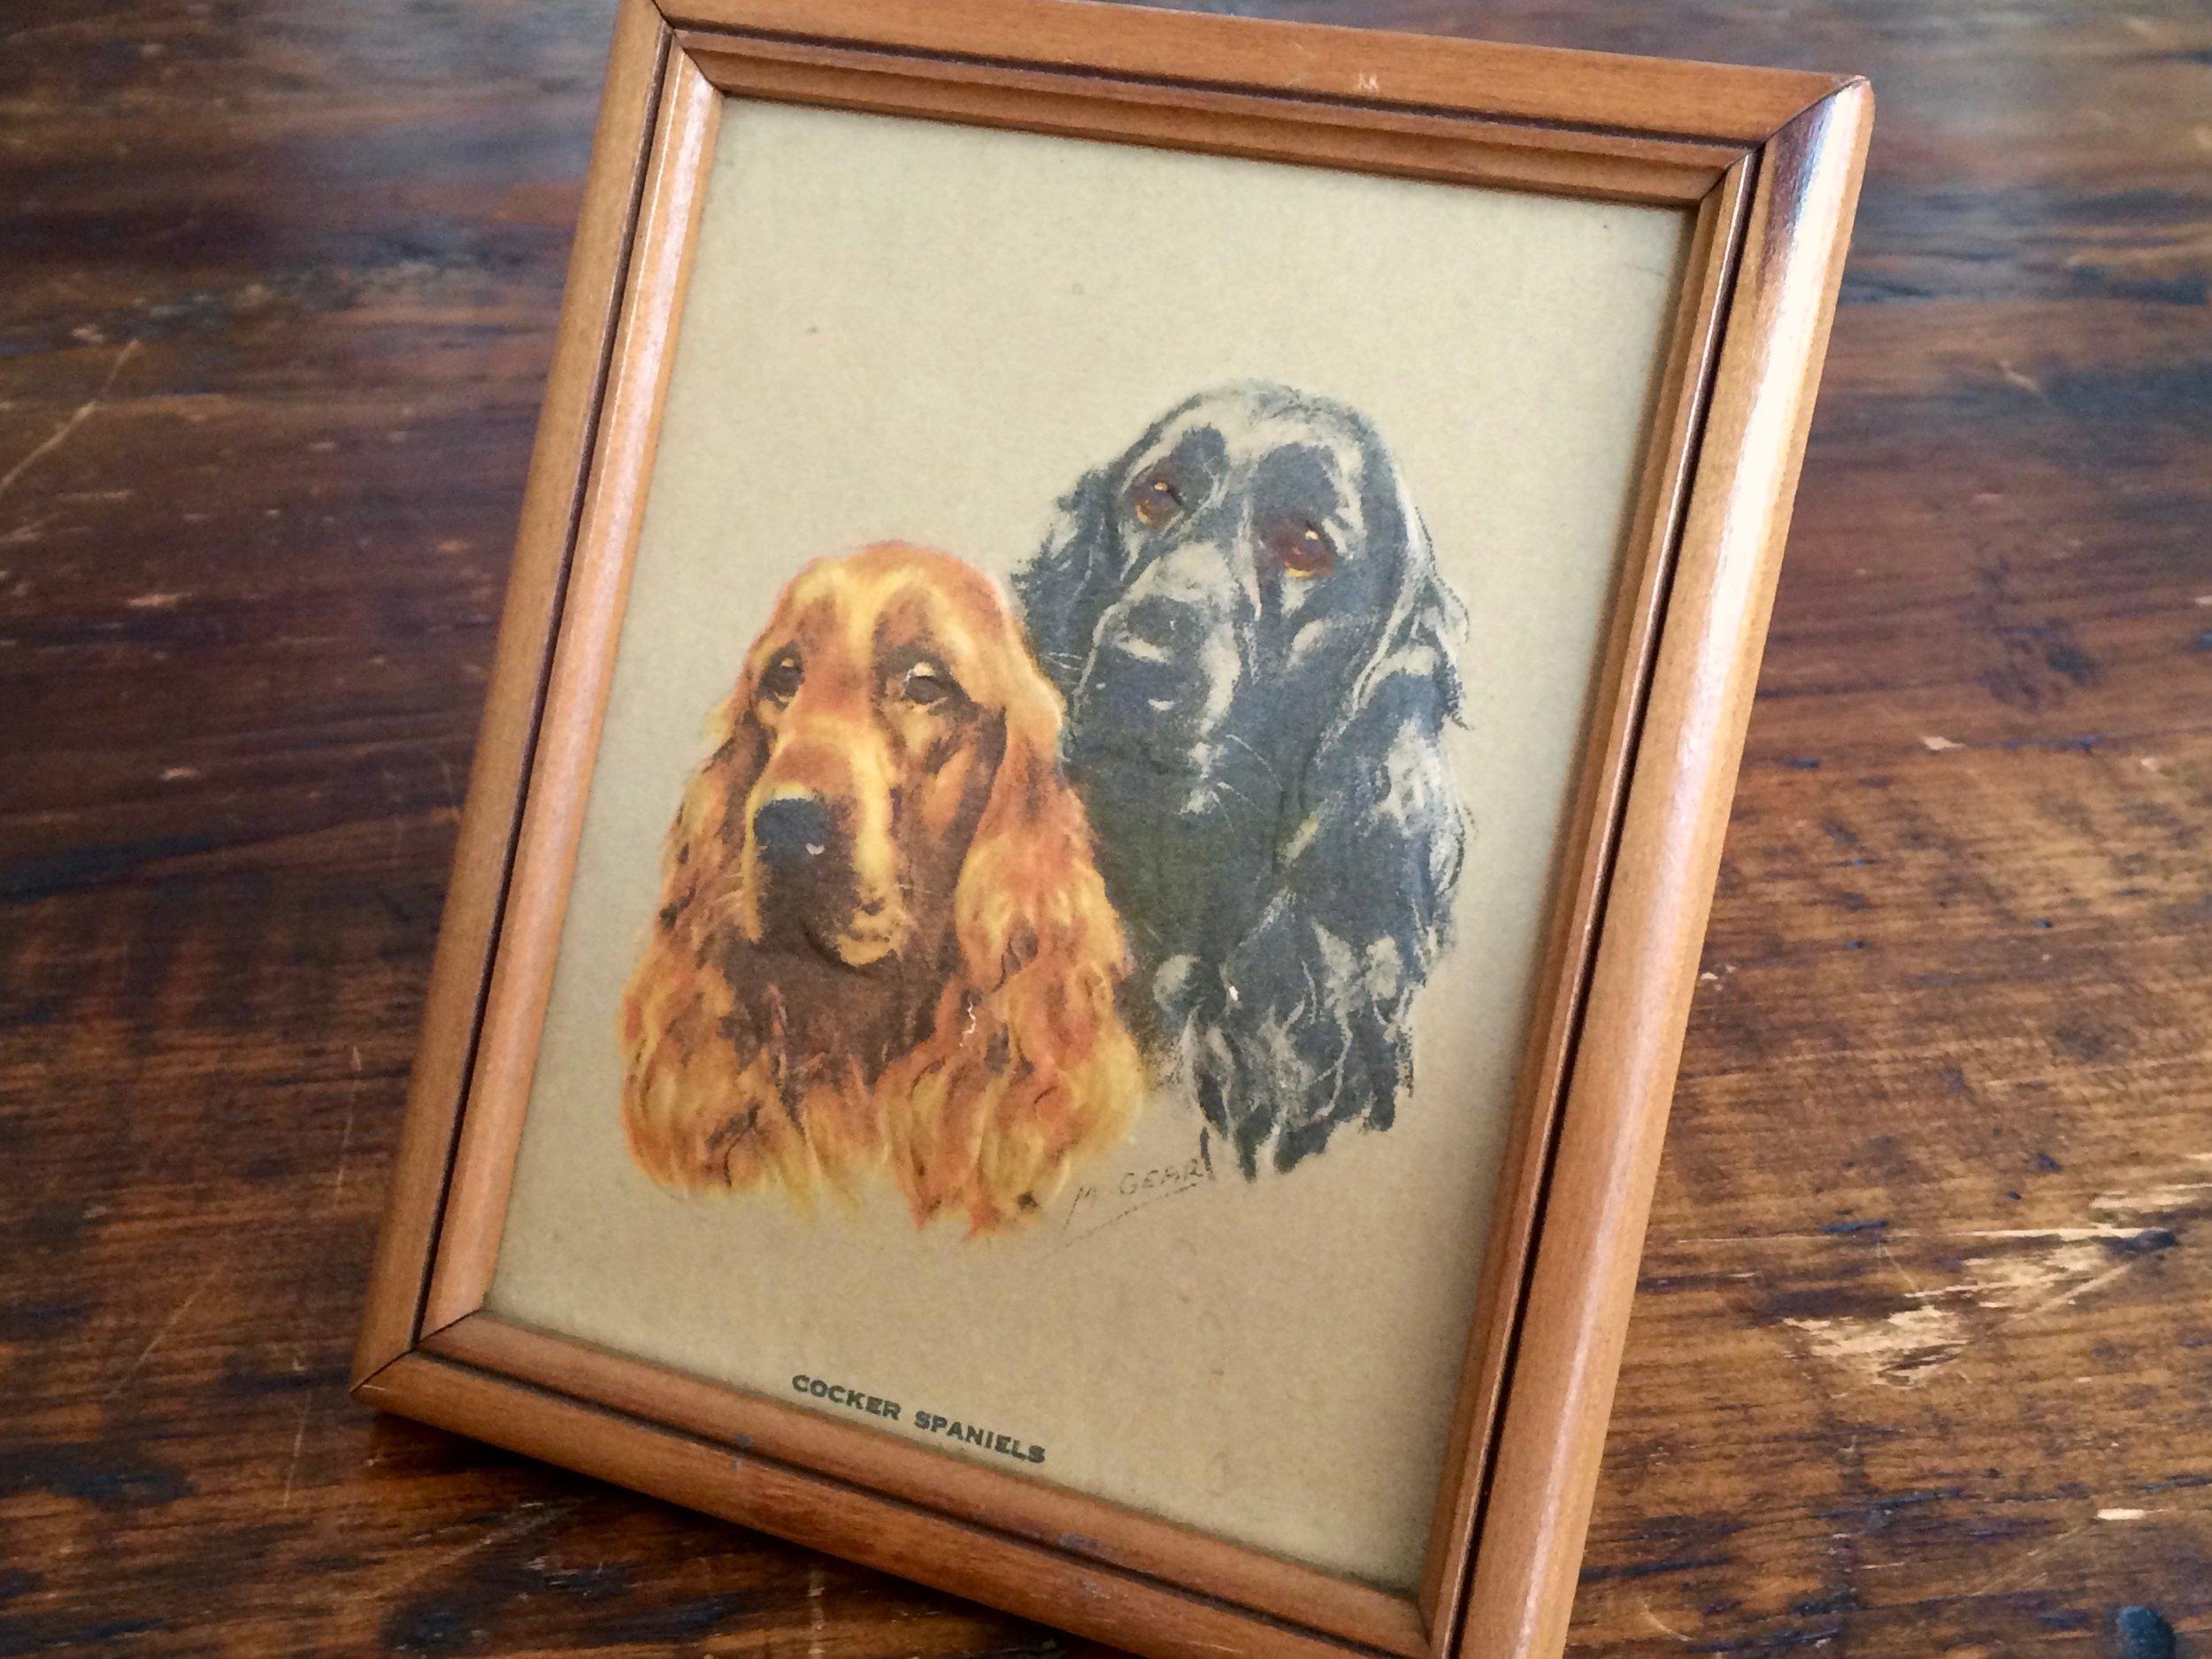 Cocker Spaniels Embossed Print